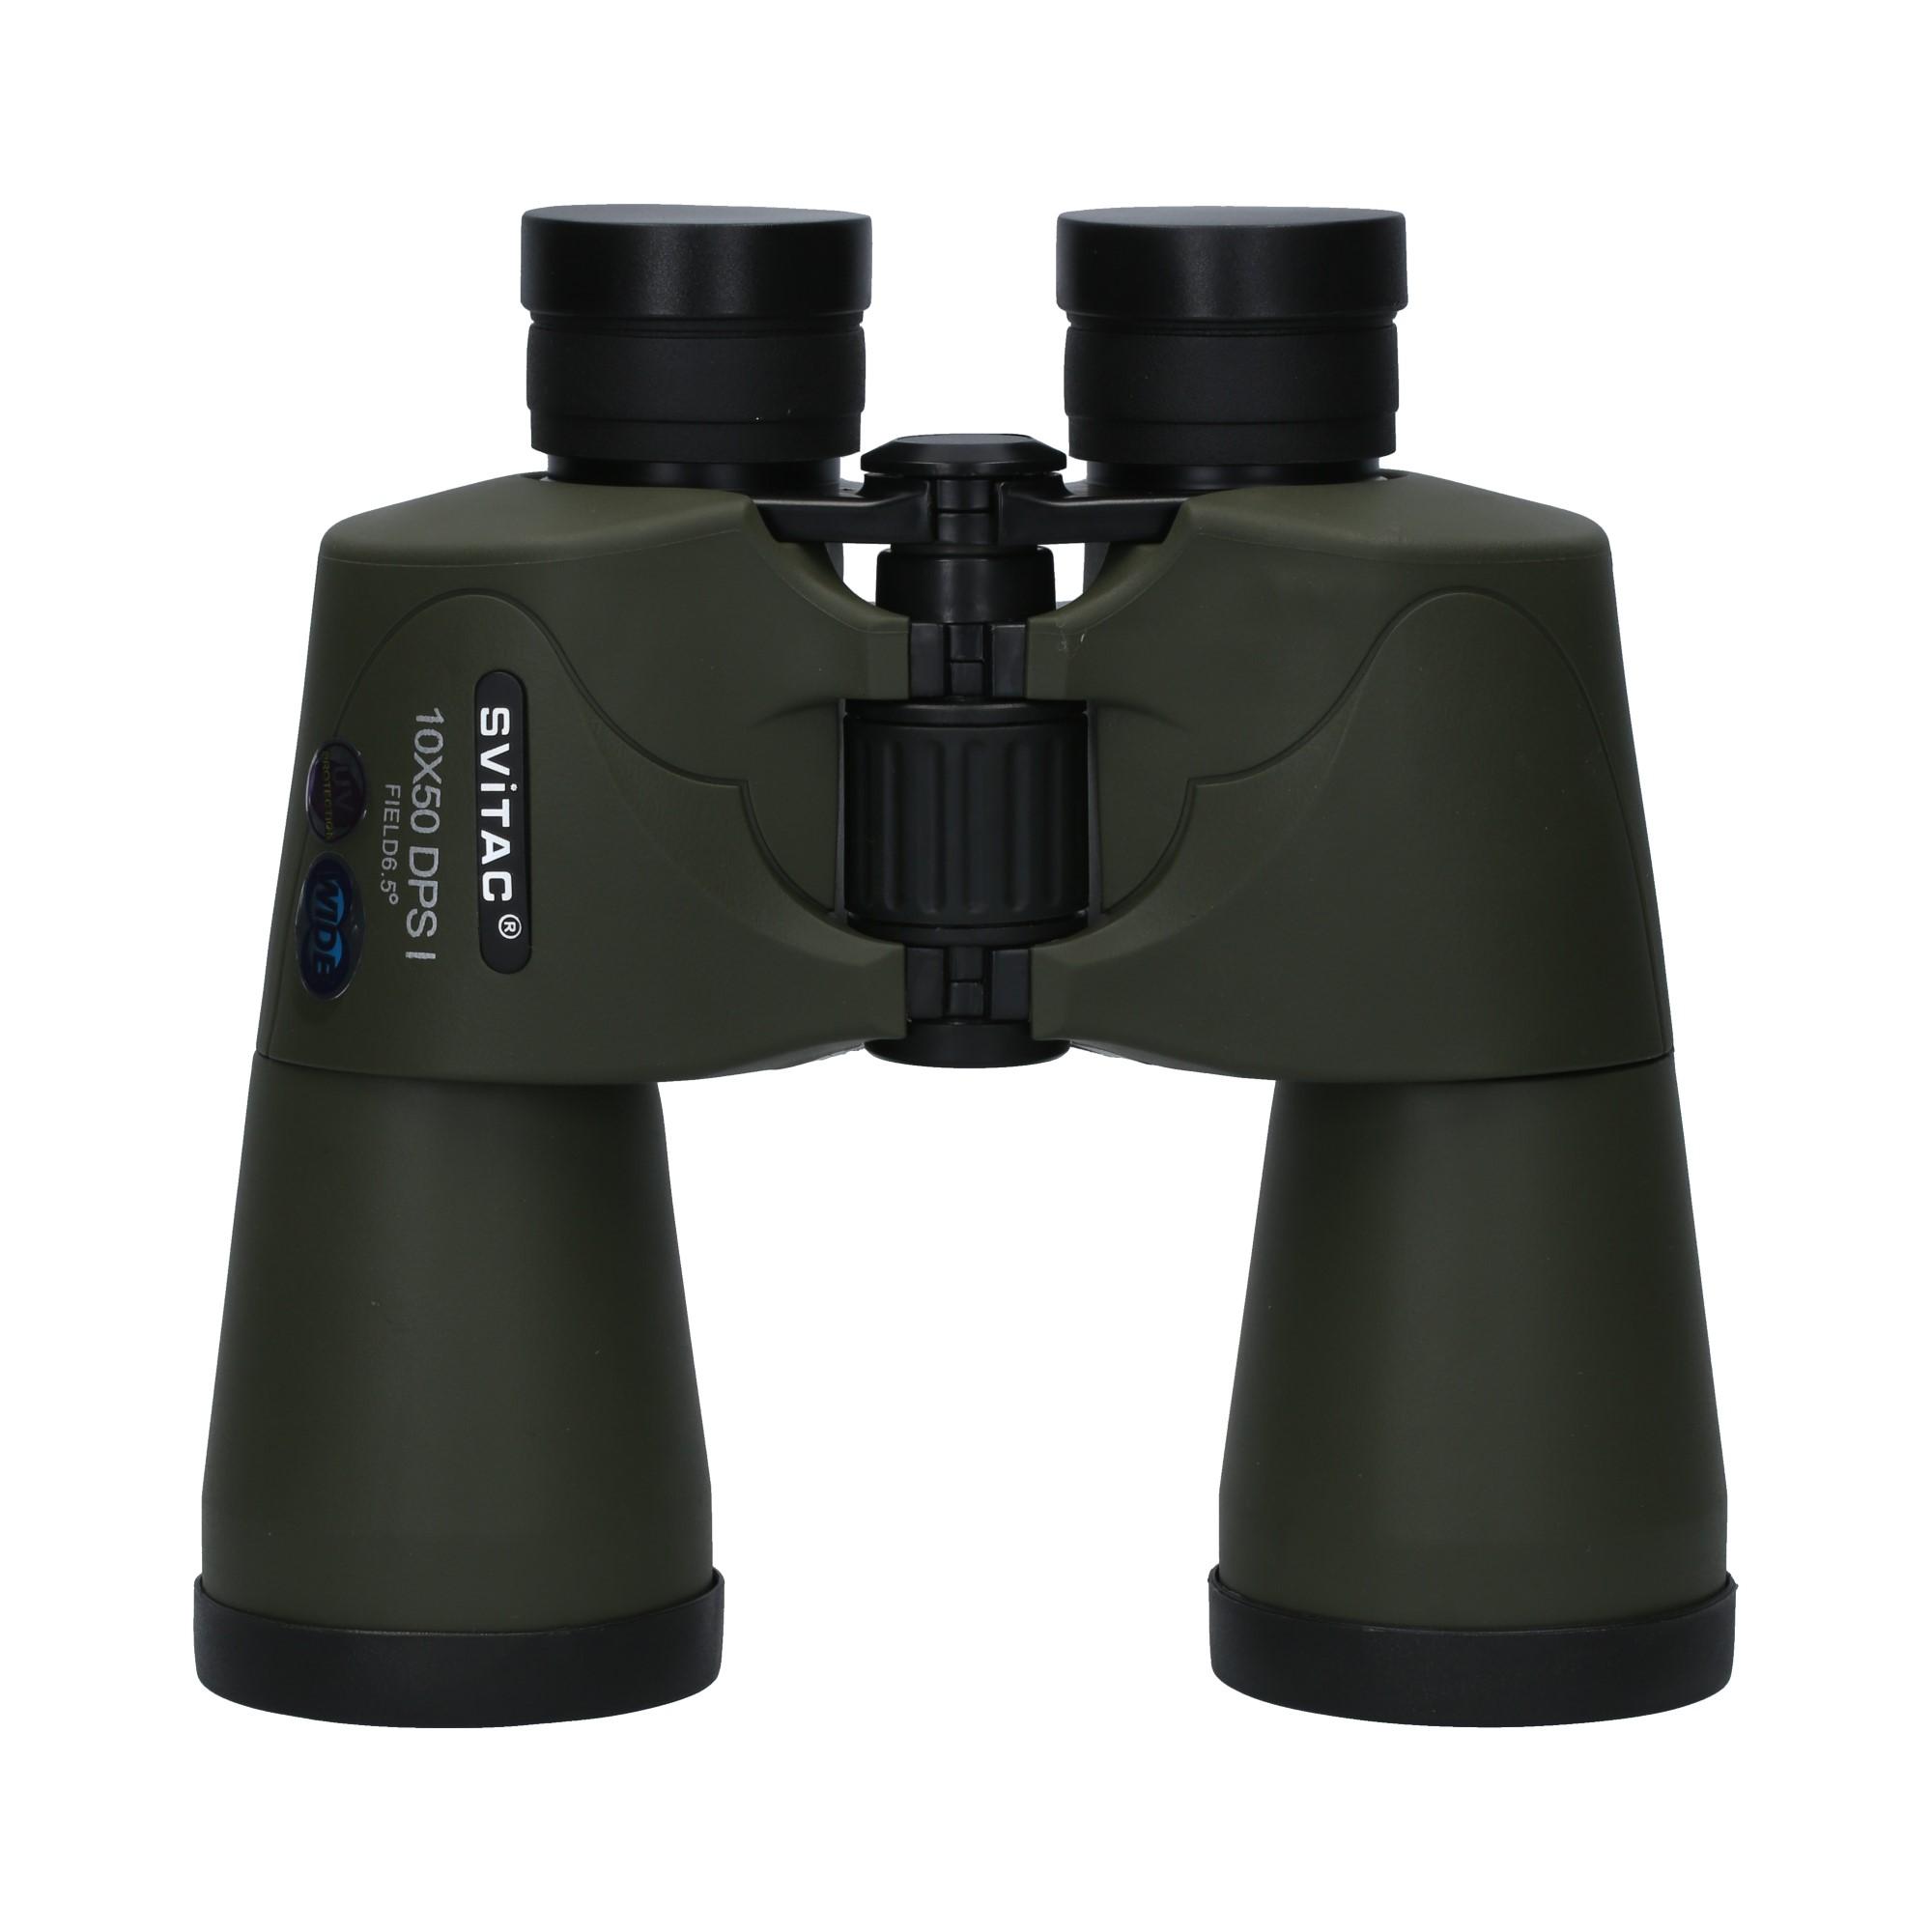 กล้องส่องทางไกล SViTAC 10x50 DPSI